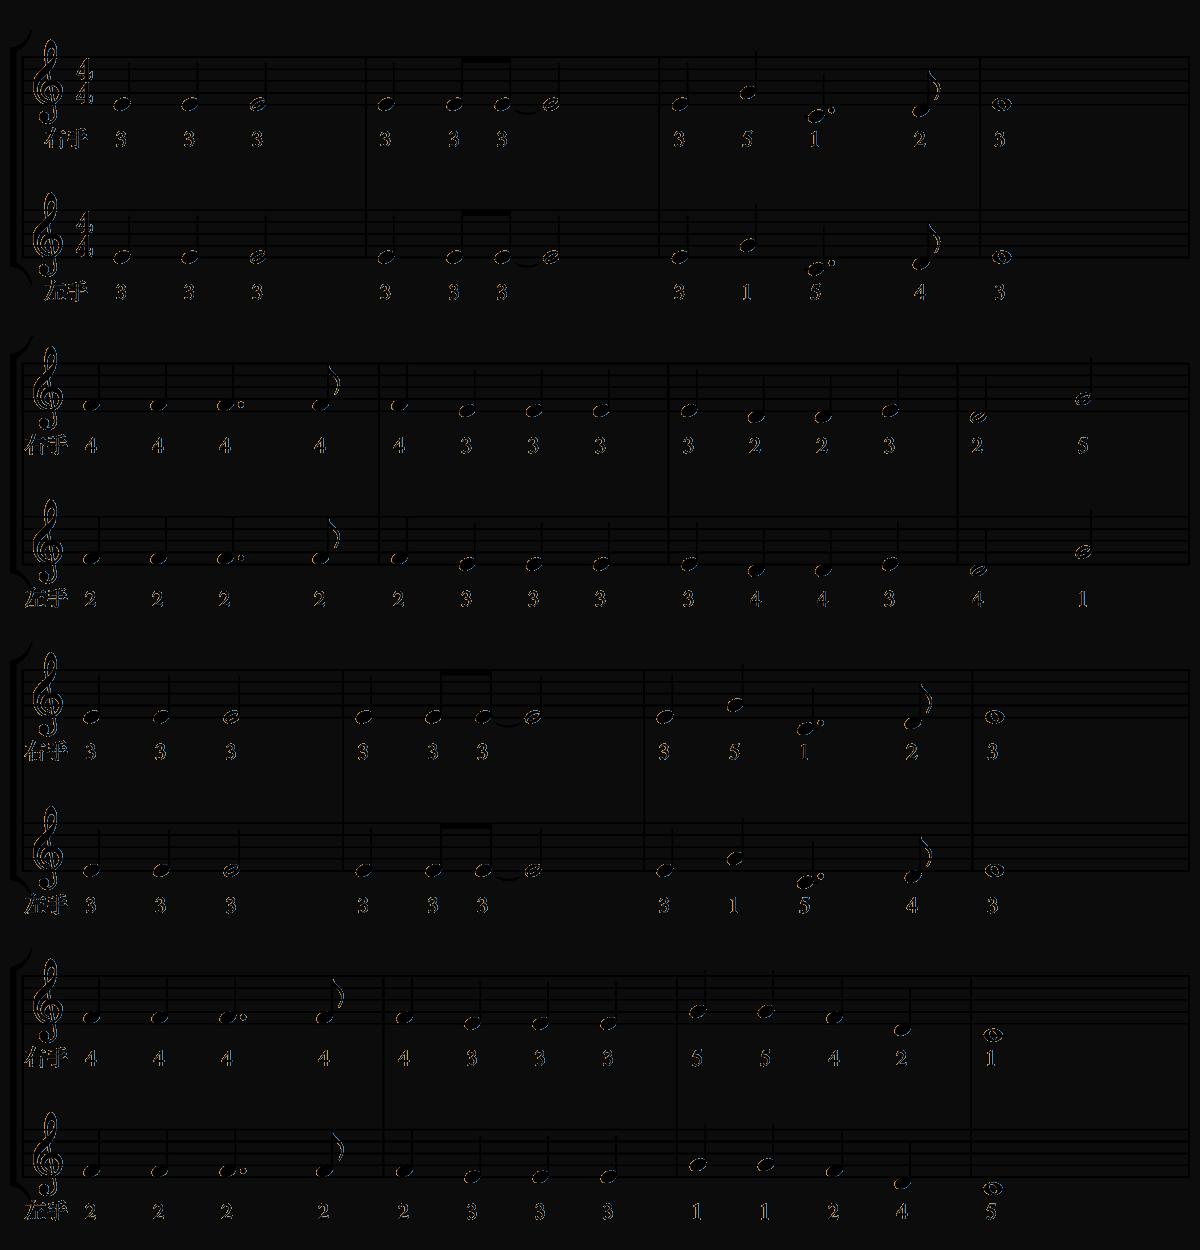 指番号の練習-ジングルベル両手